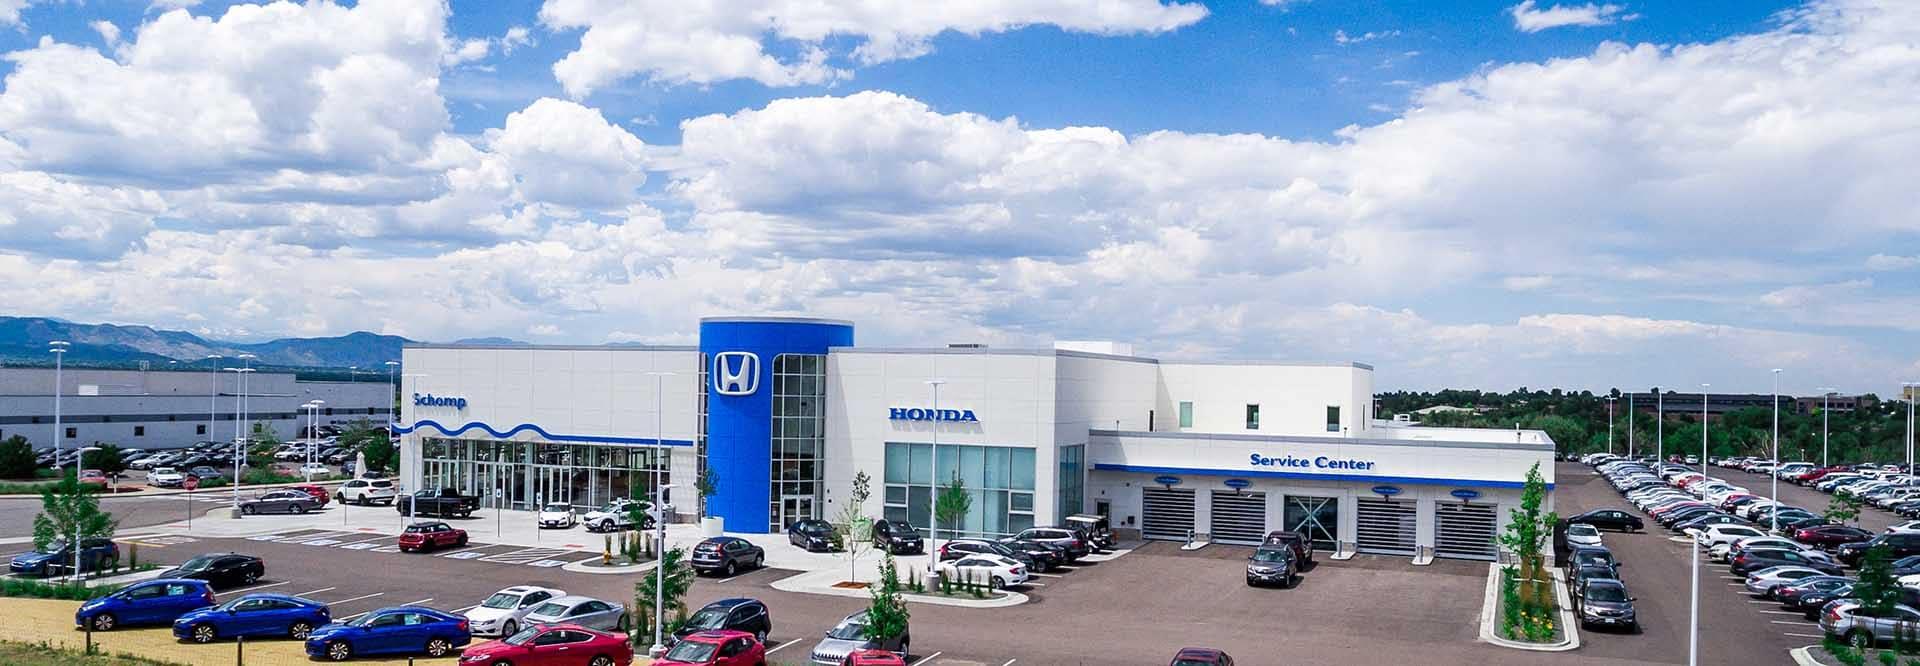 An exterior shot of a Honda dealership at night.